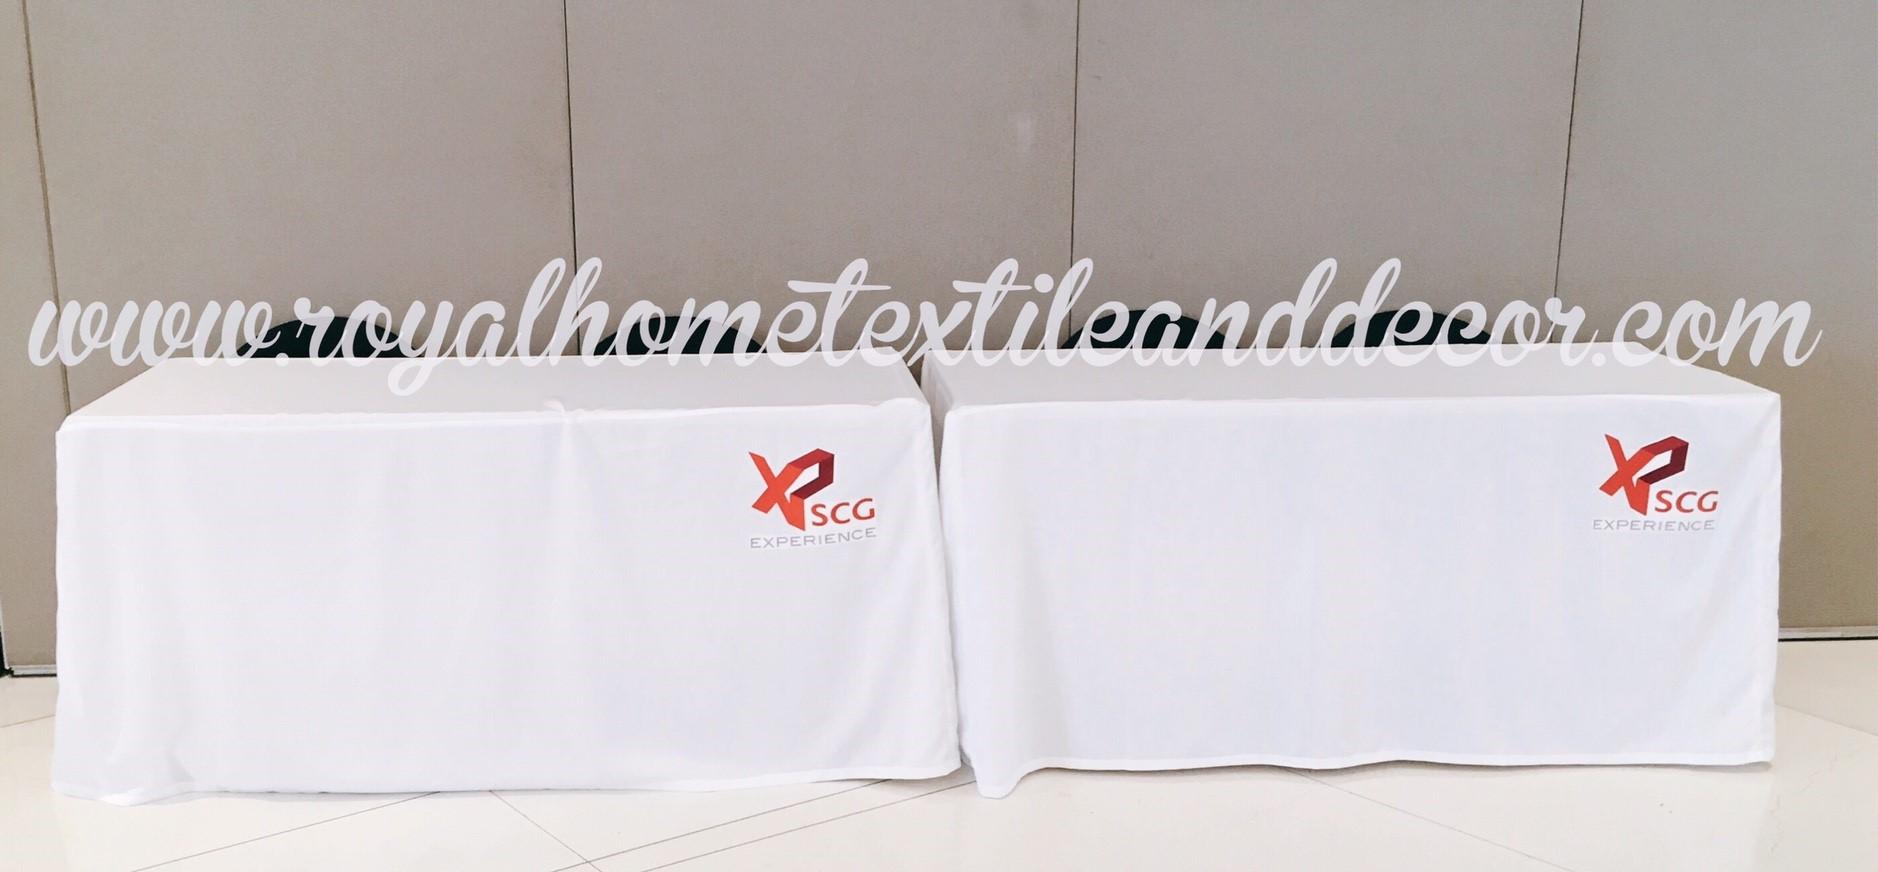 ผ้าปูโต๊ะ/ผ้าคลุมโต๊ะ เข้ารูป สกรีนโลโก้